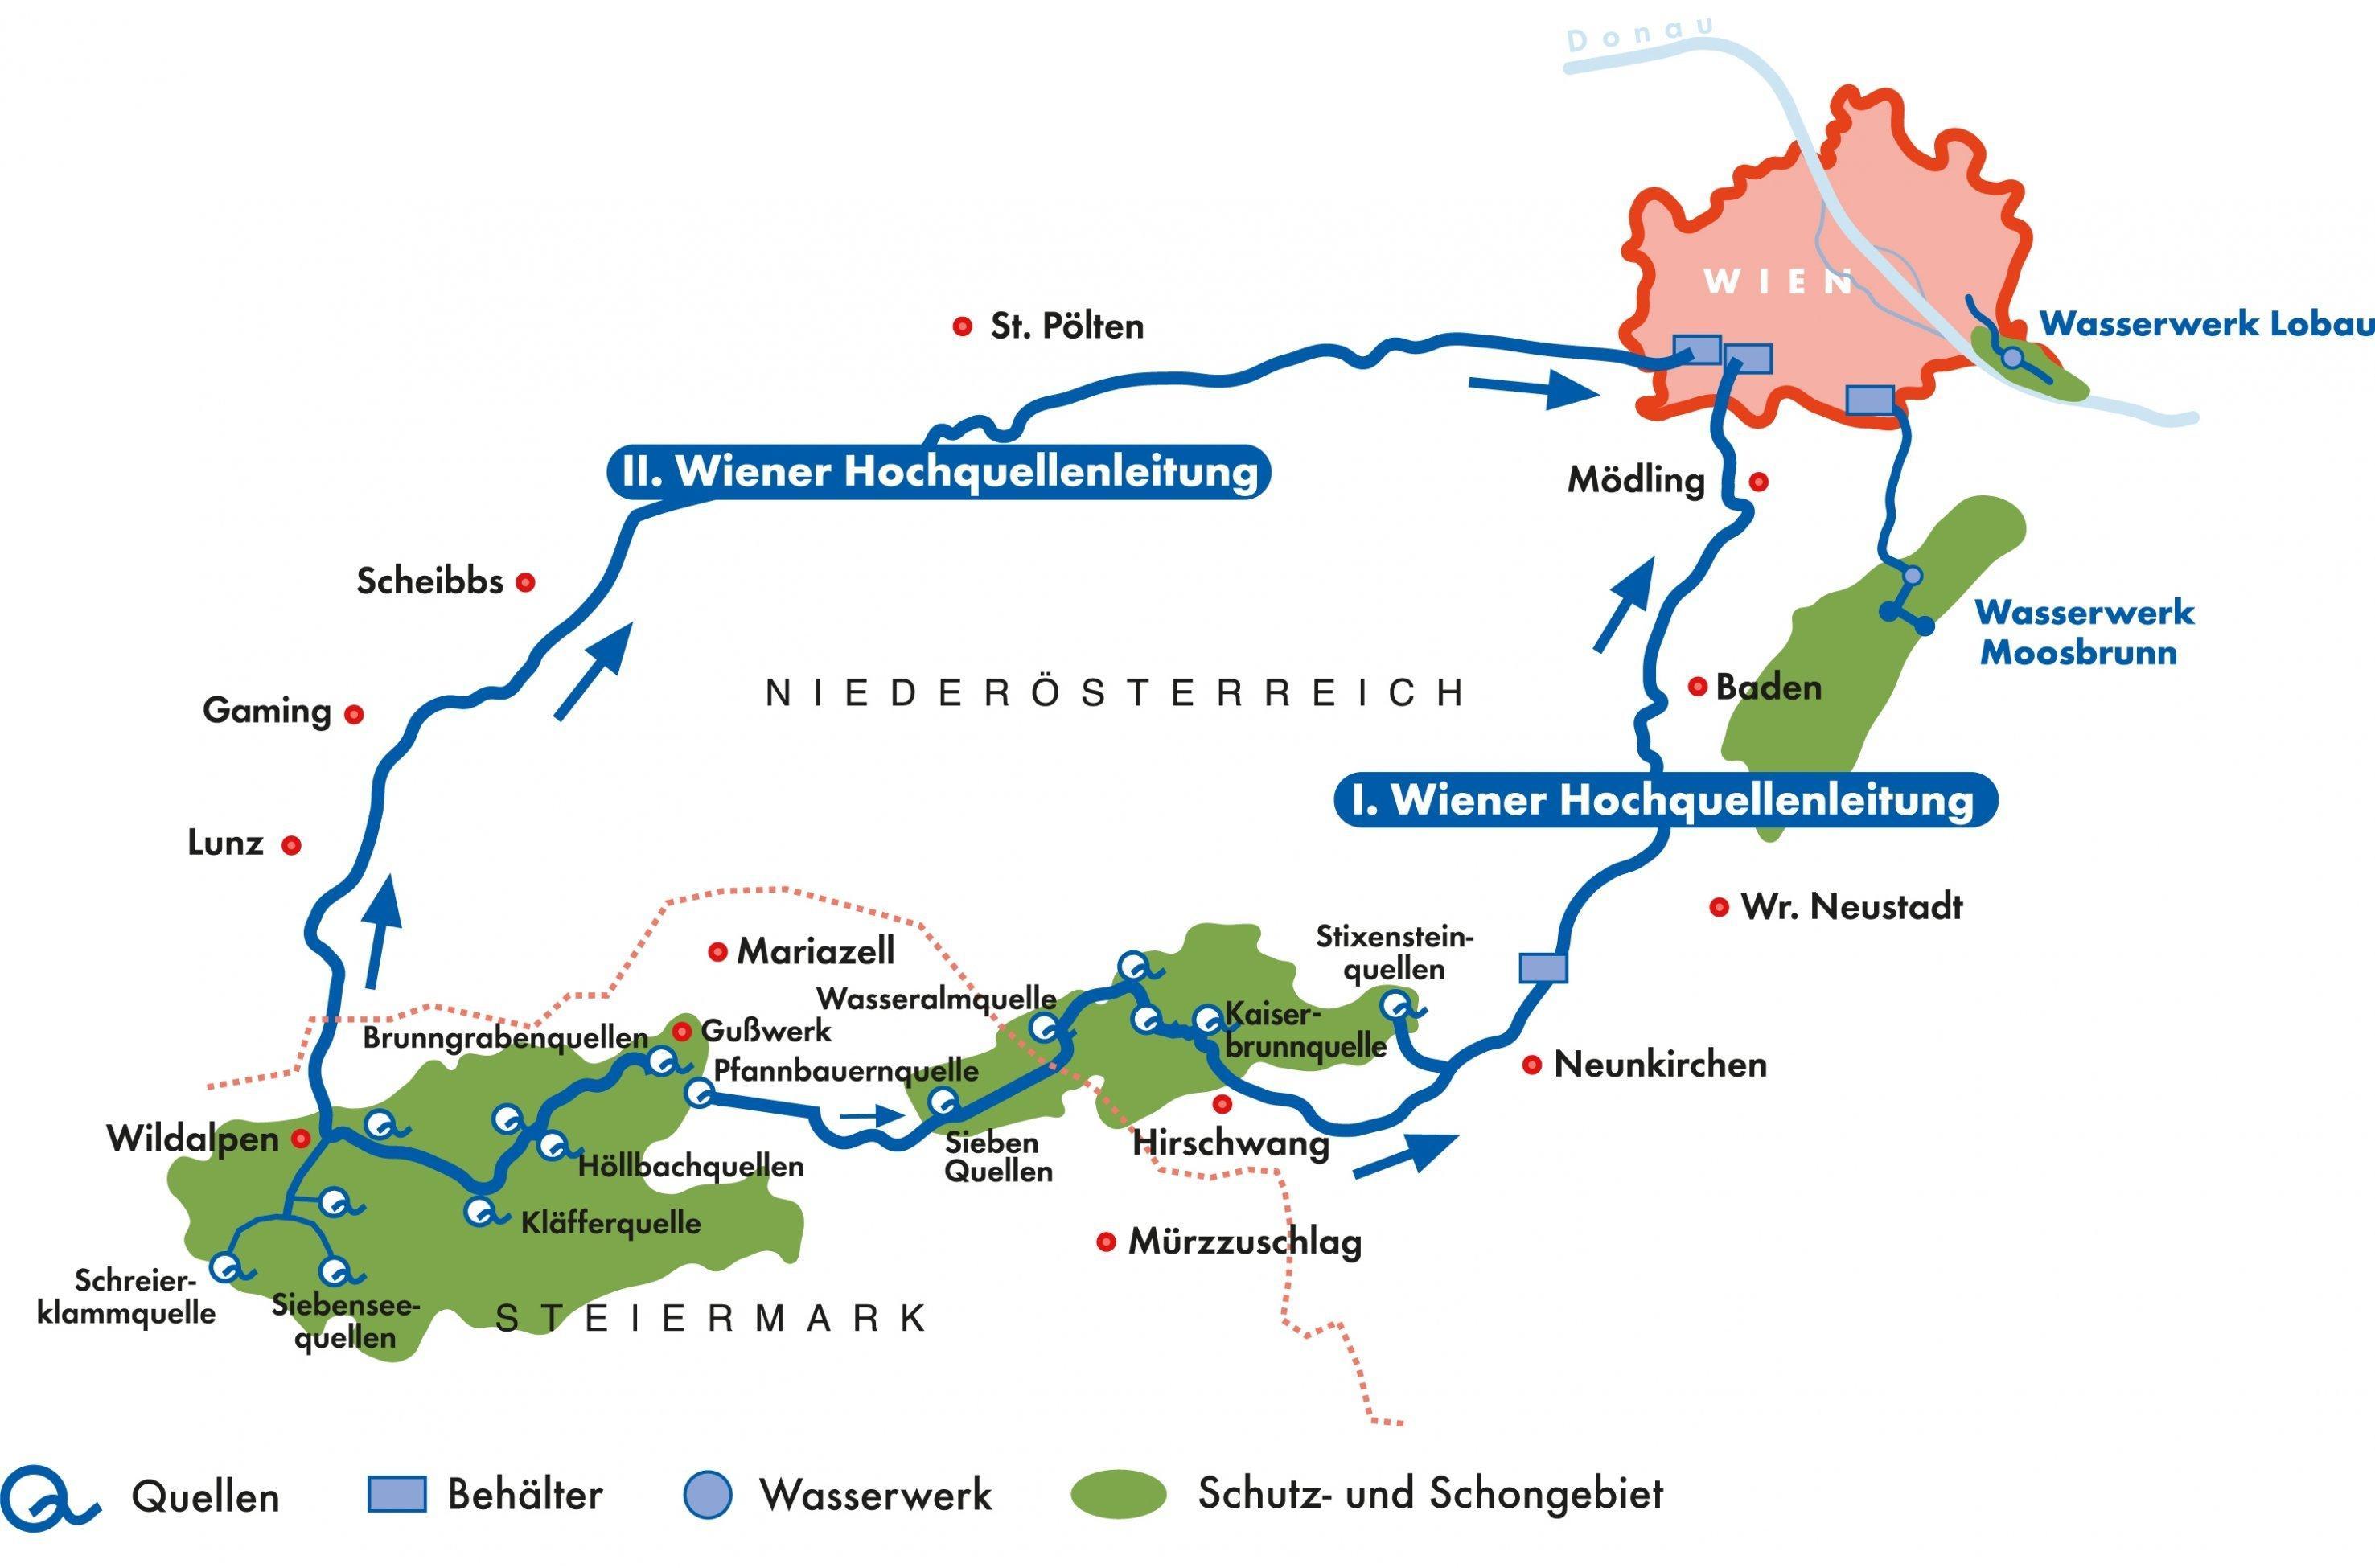 Graphik über den Verlauf der Hochquellenleitungen nach Wien